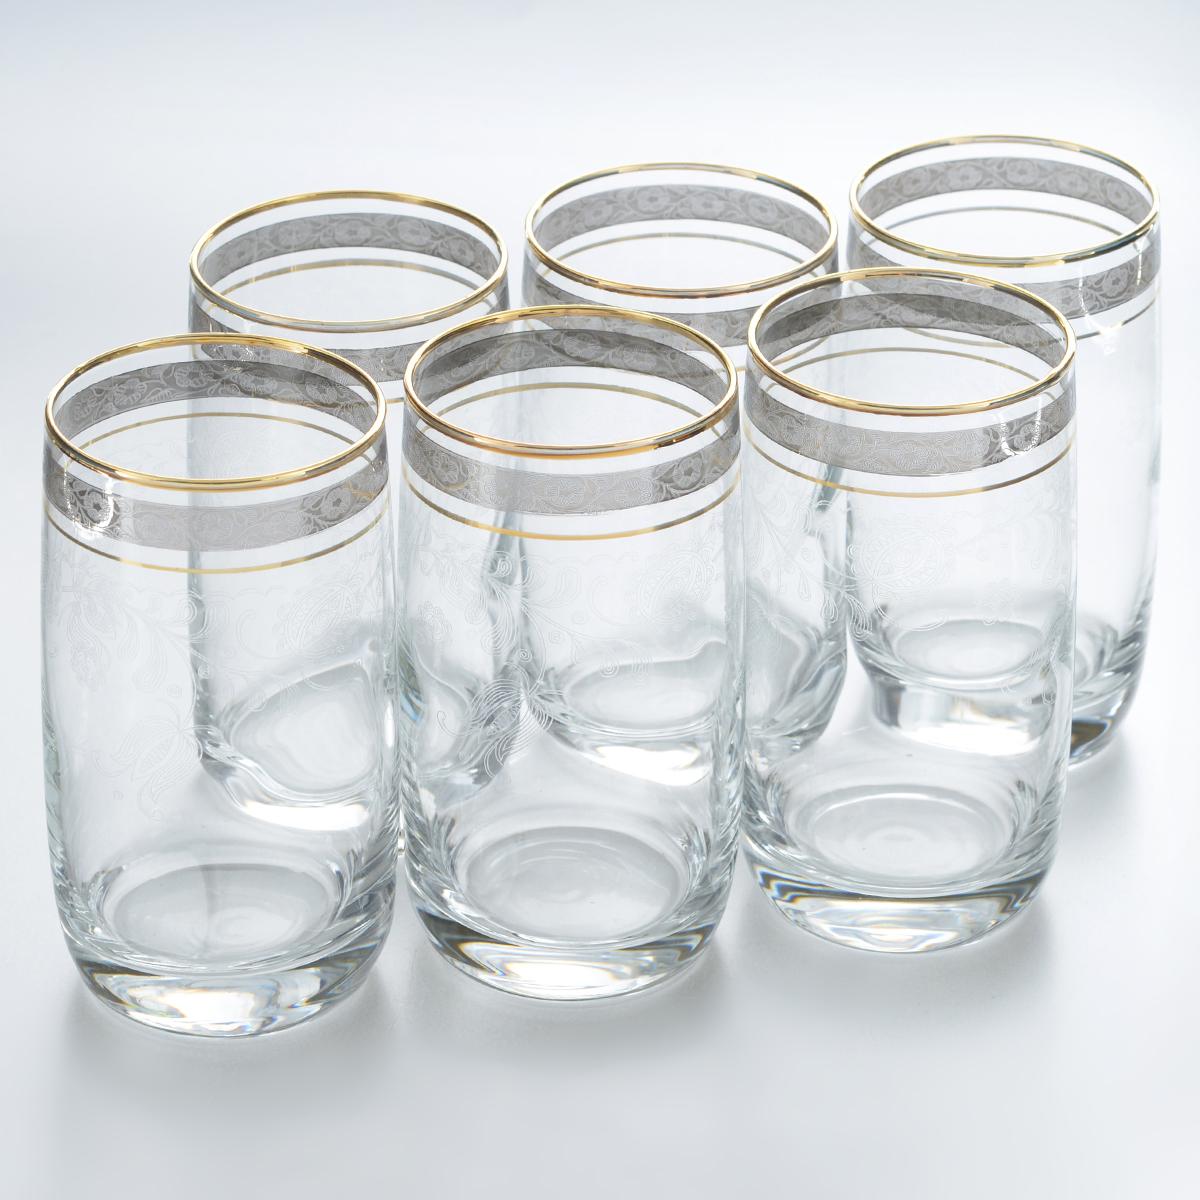 Набор стаканов для коктейлей Гусь-Хрустальный Нежность, 330 мл, 6 штTL34-809Набор Гусь-Хрустальный Нежность состоит из 6 высоких стаканов, изготовленных из высококачественного натрий-кальций-силикатного стекла. Изделия оформлены красивым зеркальным покрытием и прозрачным орнаментом. Стаканы предназначены для подачи коктейлей, а также воды и сока. Такой набор прекрасно дополнит праздничный стол и станет желанным подарком в любом доме. Разрешается мыть в посудомоечной машине. Диаметр стакана (по верхнему краю): 6,3 см. Высота стакана: 12,8 см.